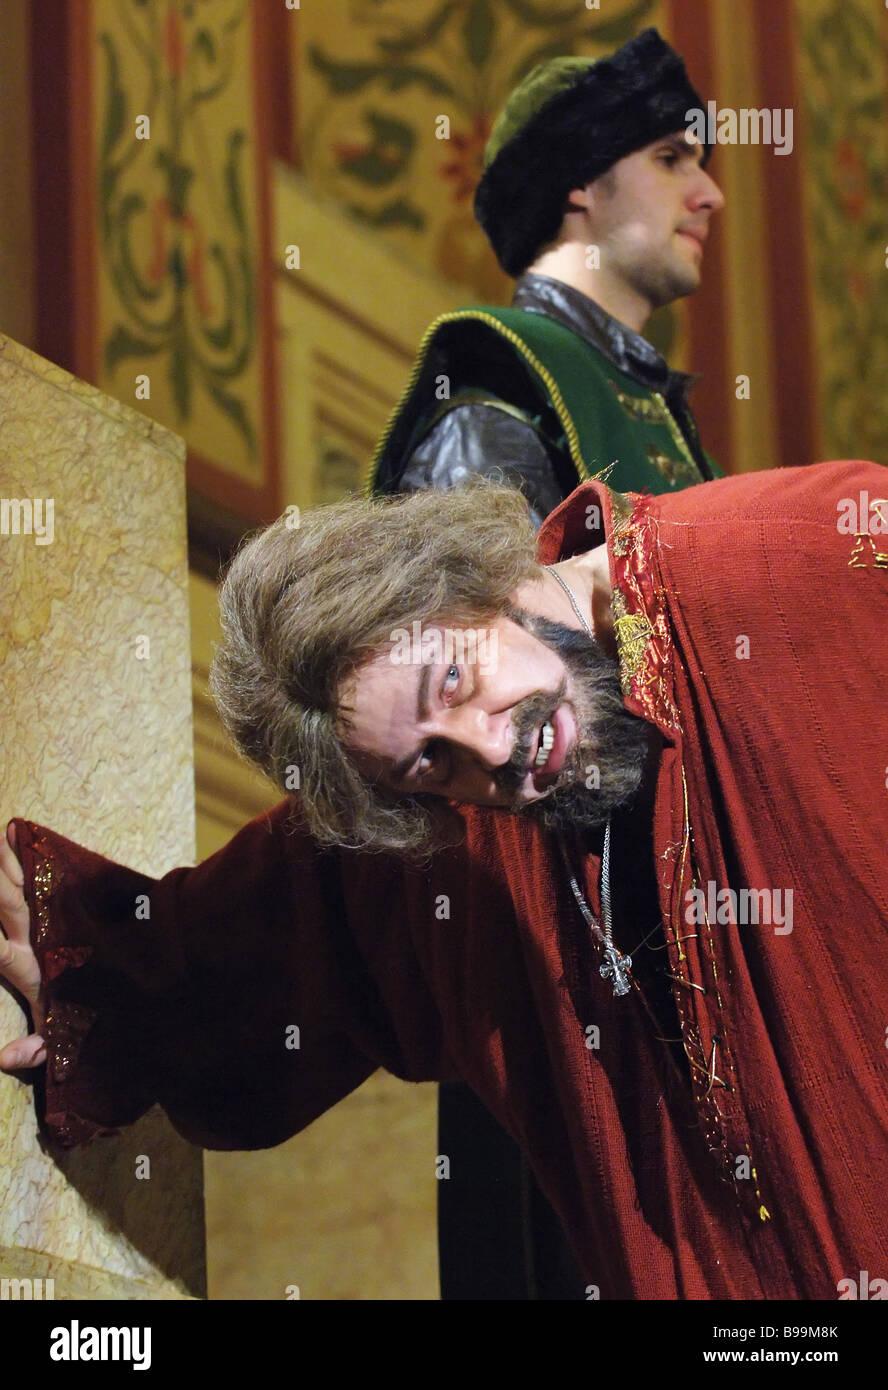 Dos actuar el drama histórico de Boris Godunov presentada en el Museo de Historia del Estado Vladimir Kudashev Imagen De Stock